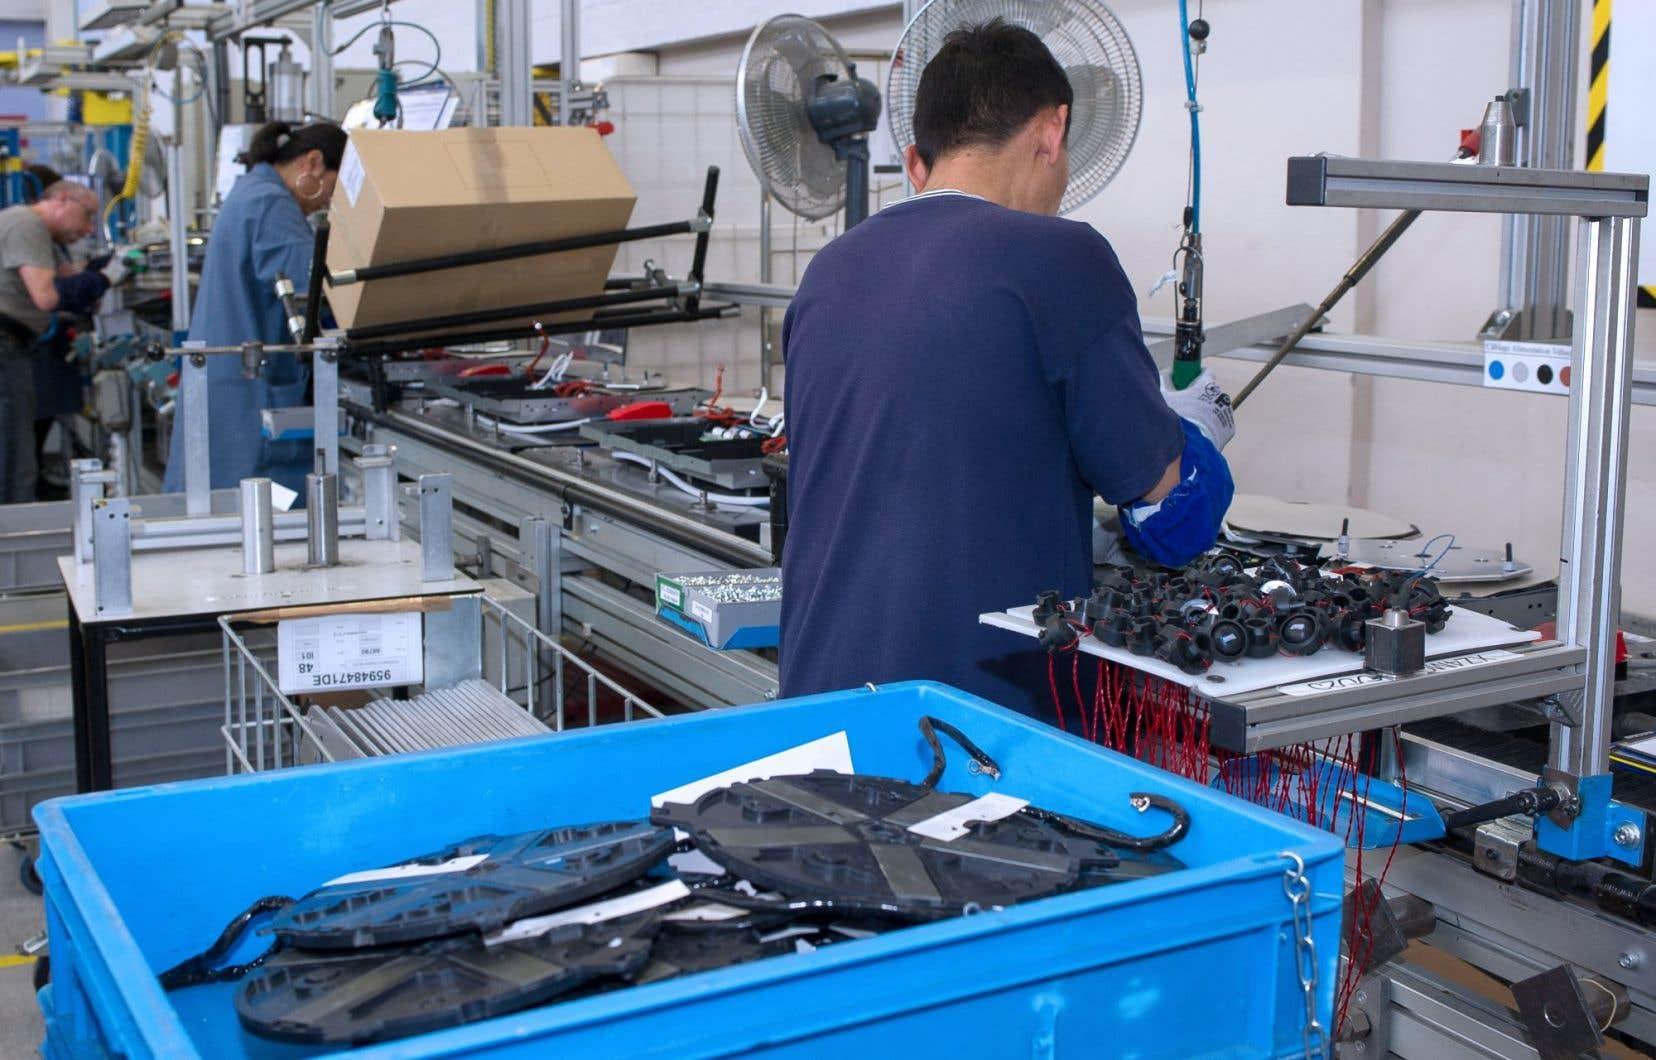 Un employé travaille sur une chaîne d'assemblage d'une usine de FagorBrandt à Saint-Jean-de-la-Ruelle en France.